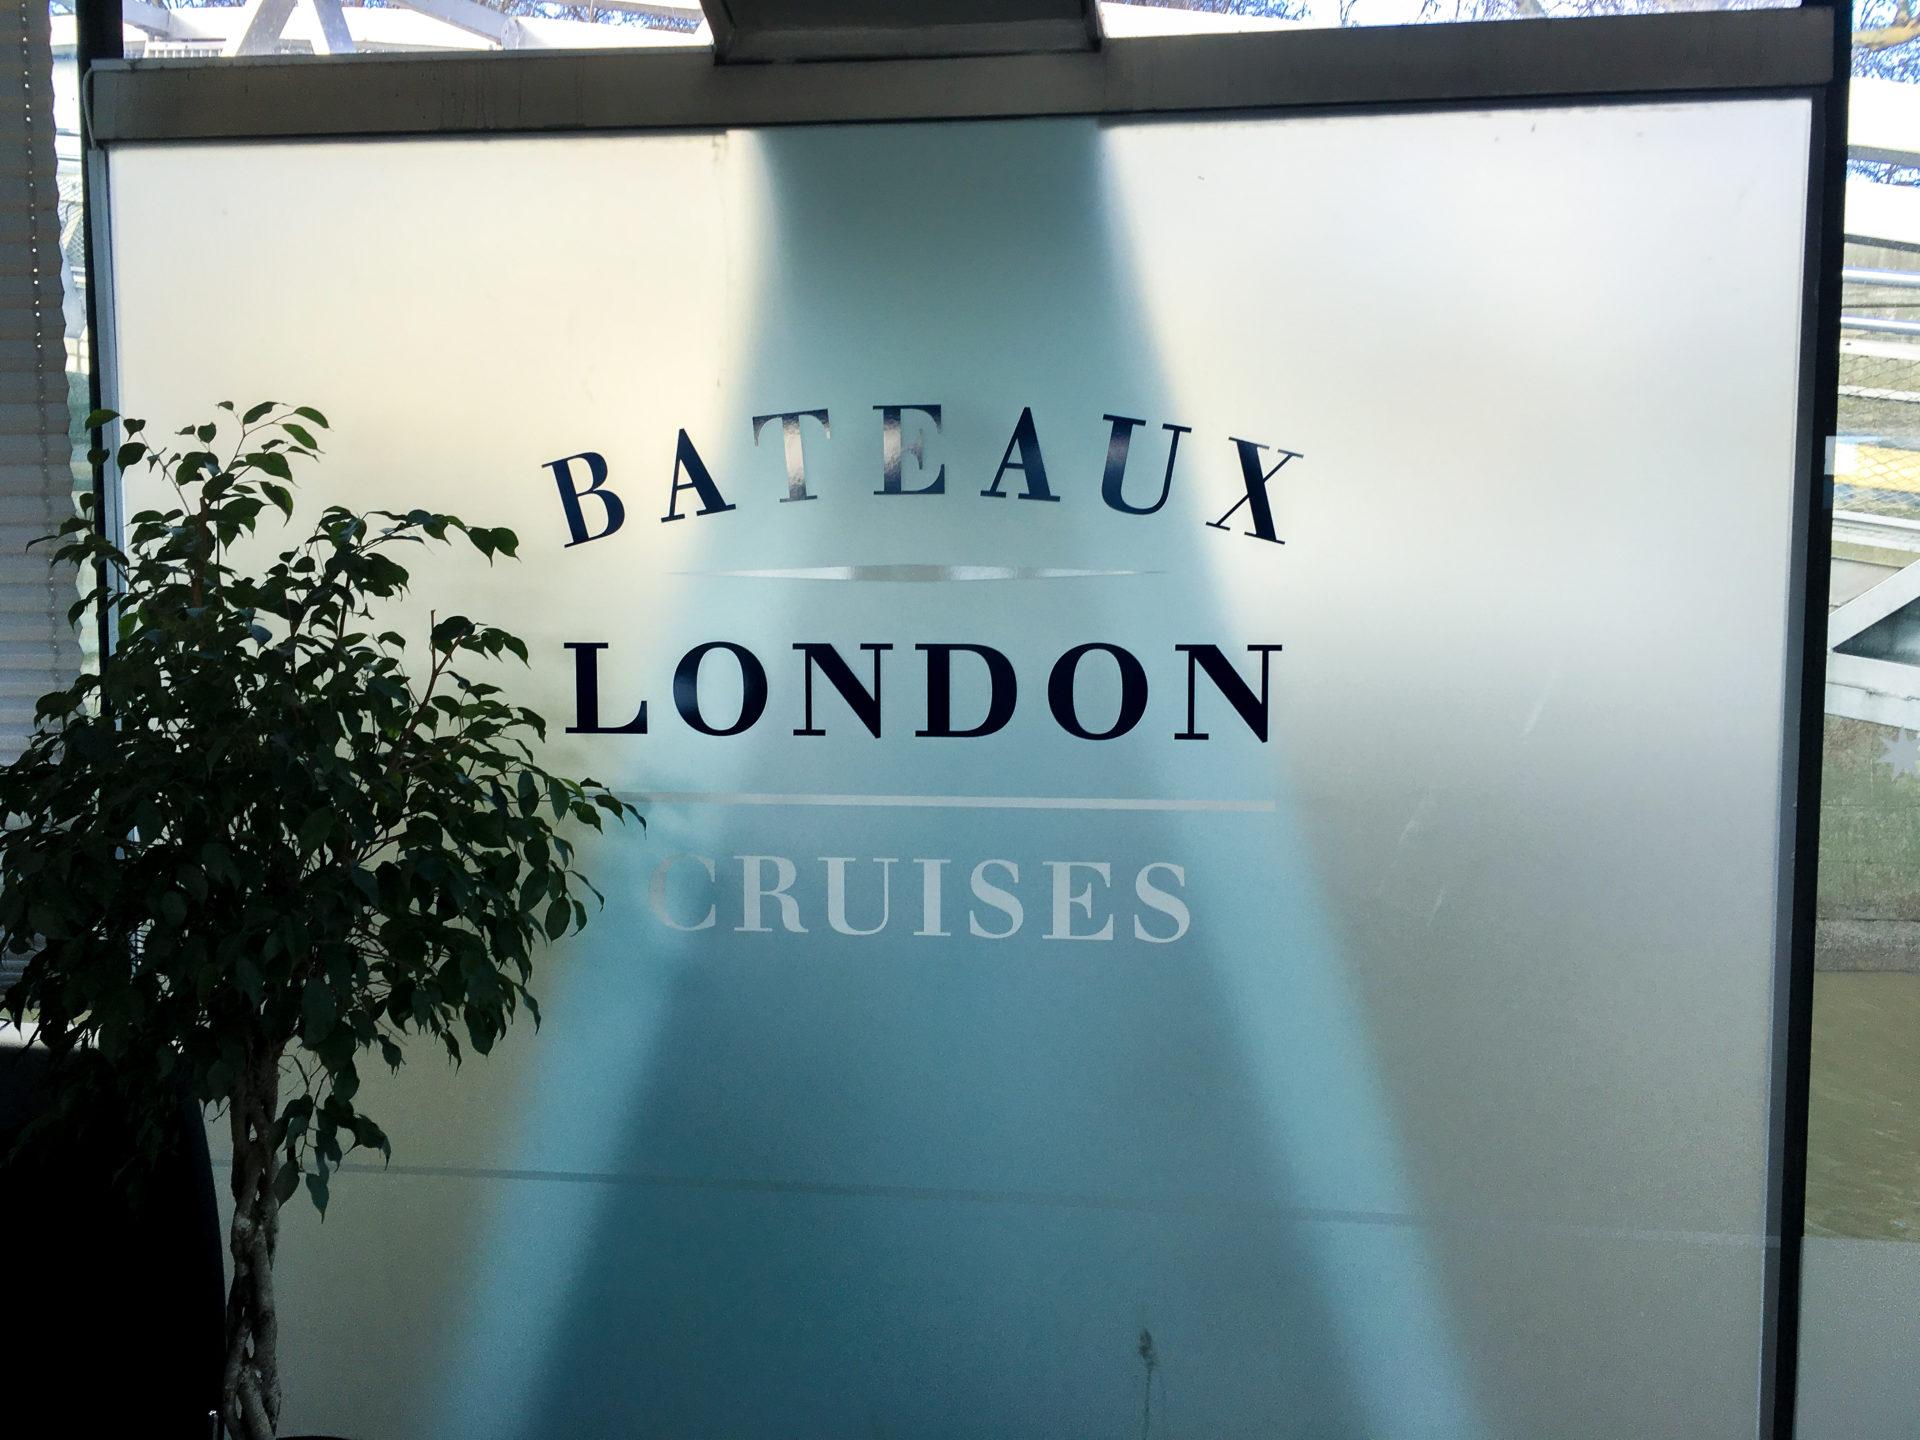 Bateaux London Cruises at Embankment Pier